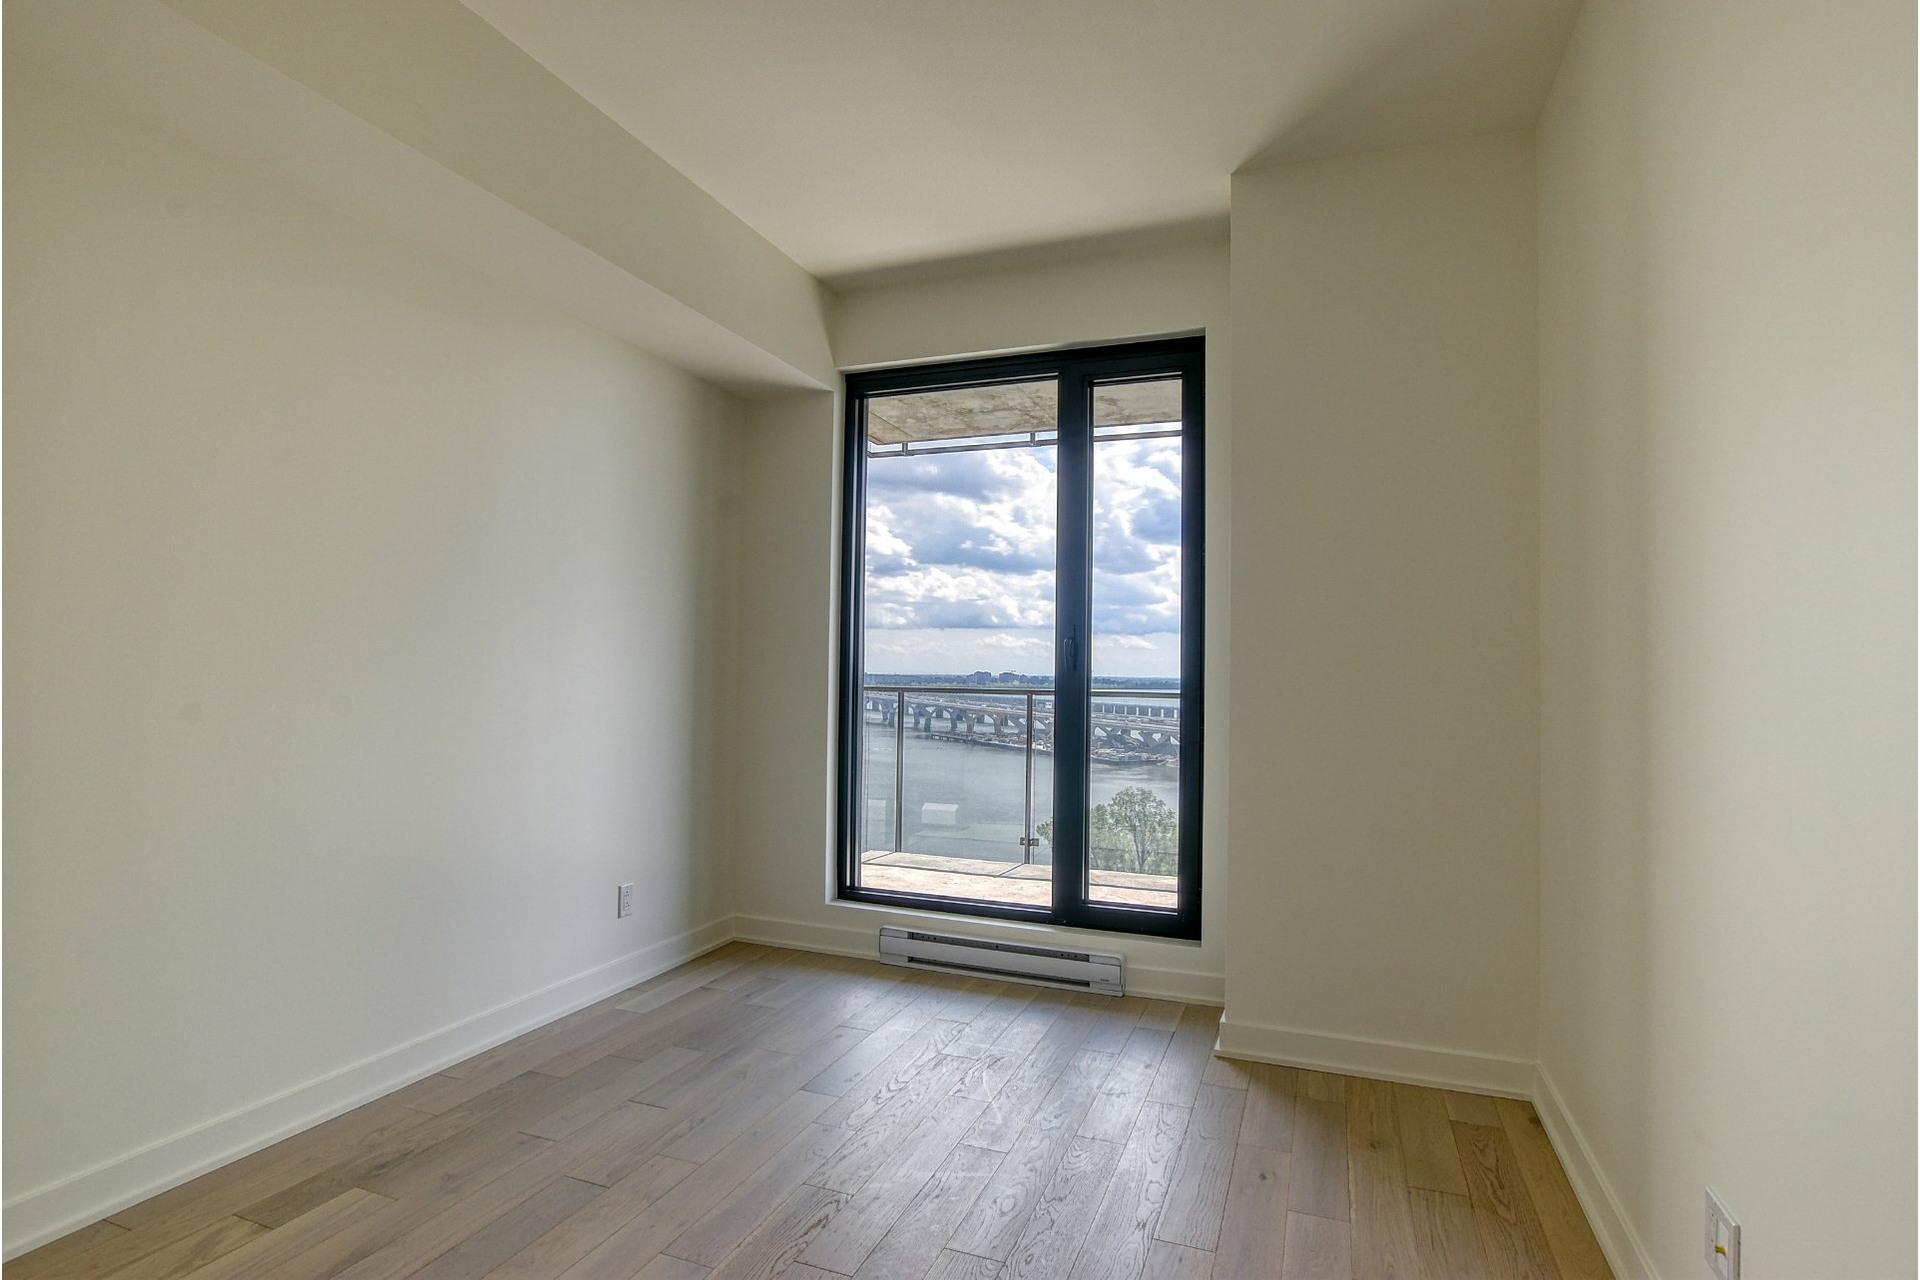 image 11 - Apartment For rent Verdun/Île-des-Soeurs Montréal  - 4 rooms